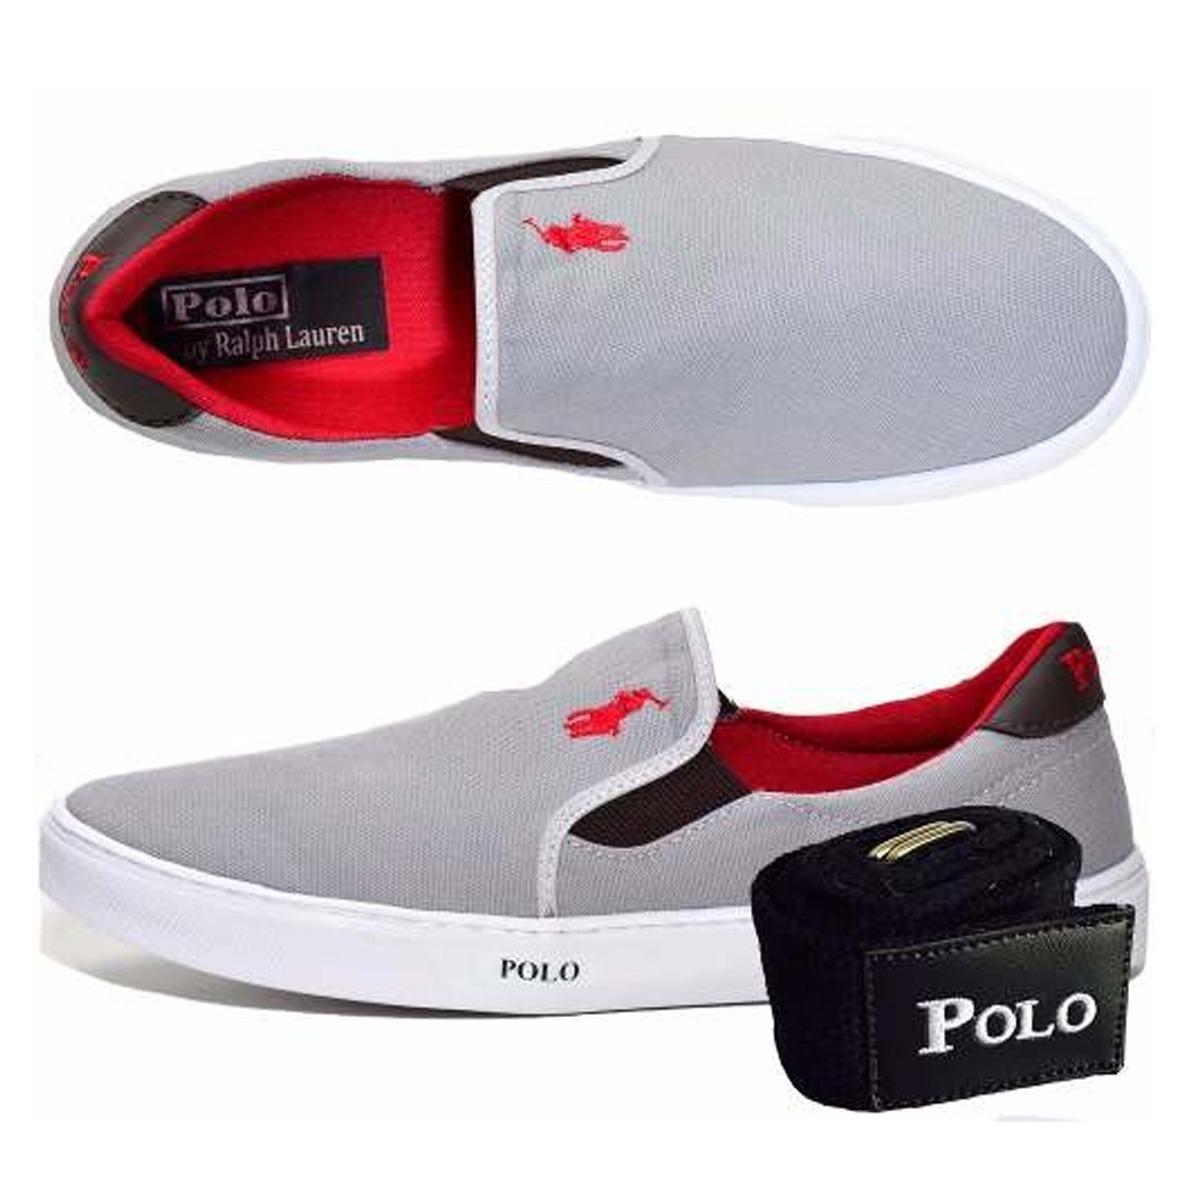 sapatenis tenis sapato masculino casual iate polo + 1 cinto. Carregando  zoom. edae3fb0ad8